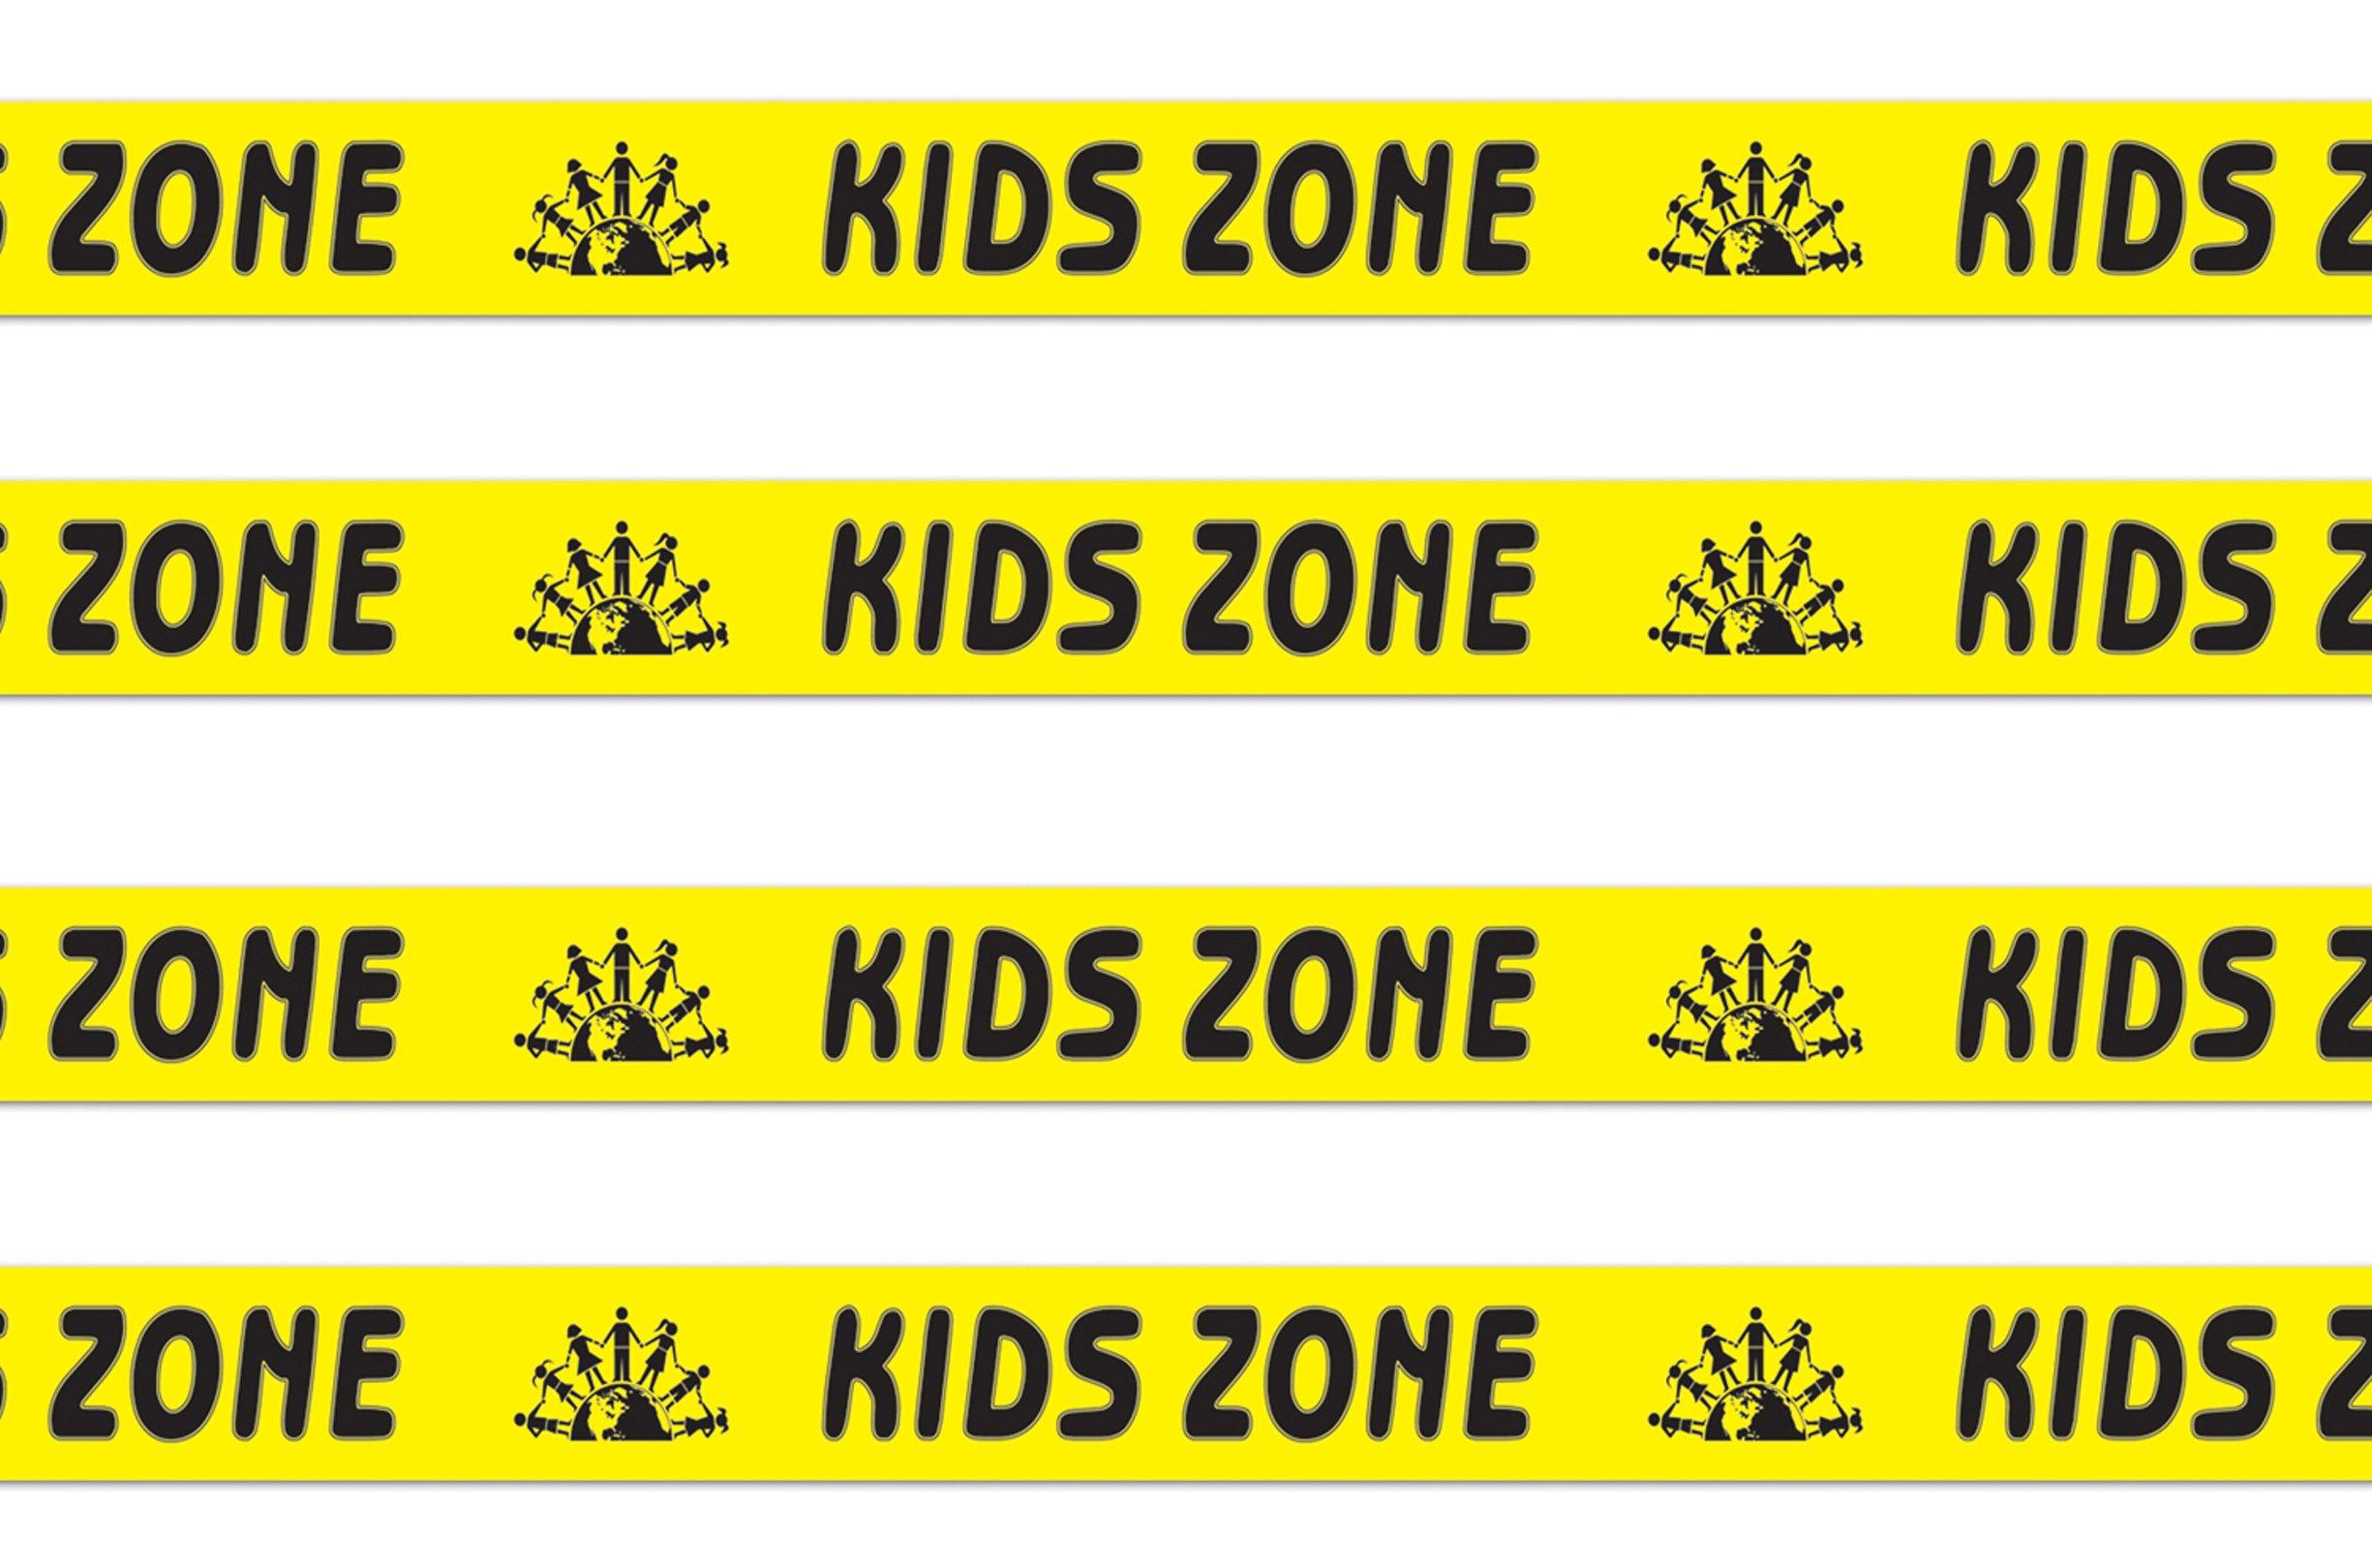 Beistle S66105AZ4, 4 Rolls Kids Zone Party Tape, 3'' x 20'